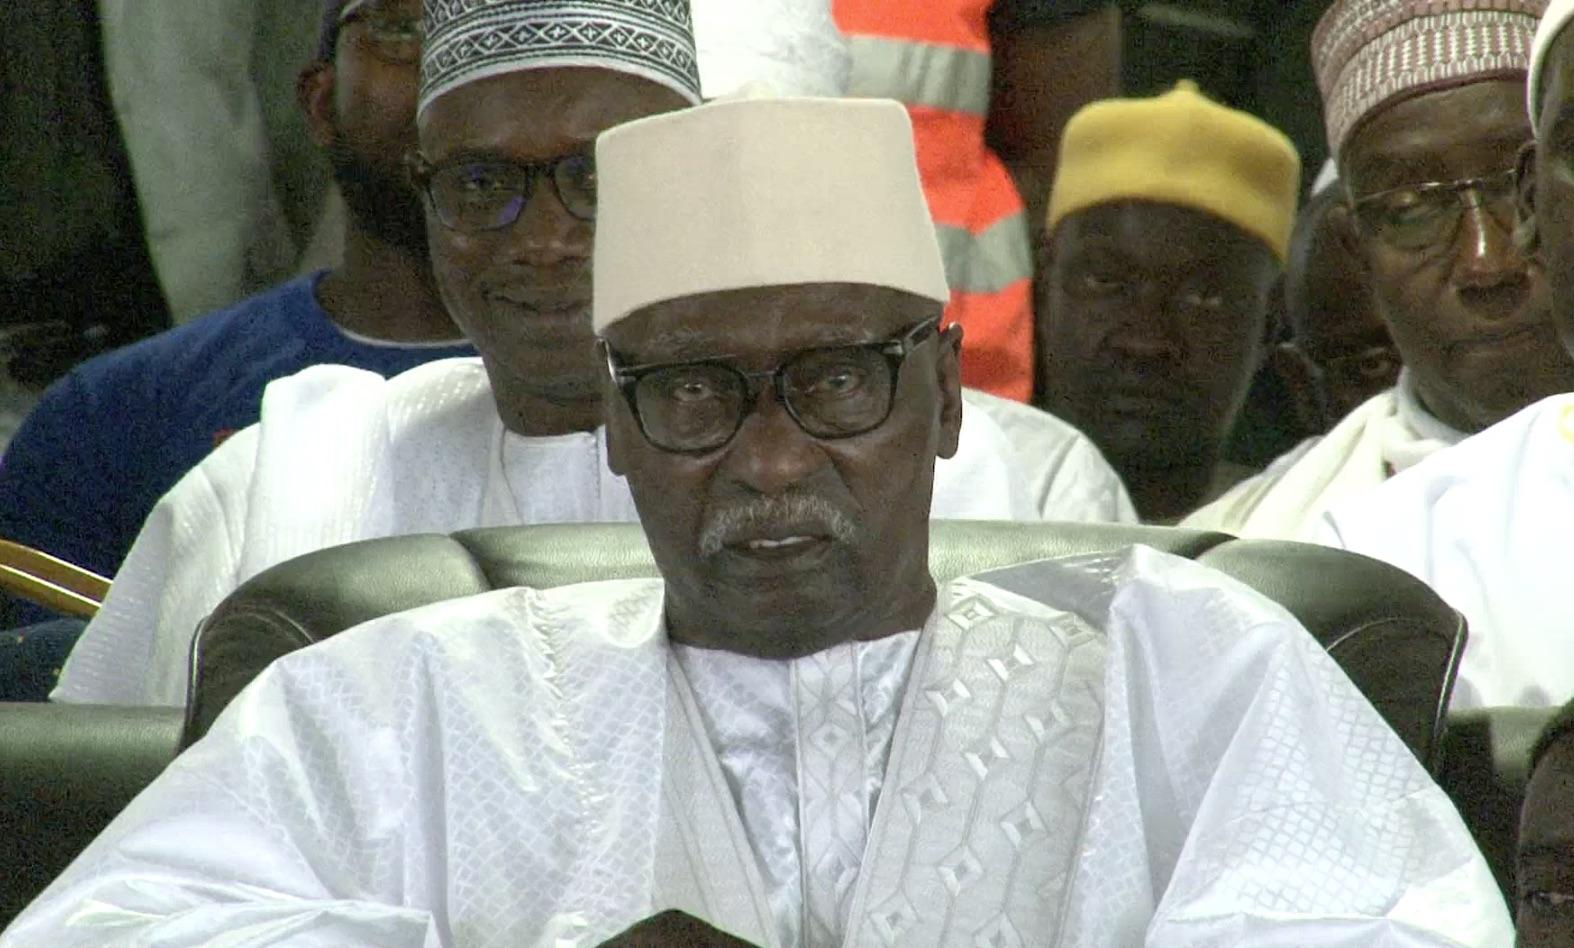 Les dures vérités de Serigne Mbaye Sy Mansour devant Diouf Sarr : «Dans la gestion de la COVID, il y a démission de l'autorité... Ce n'est pas à l'État de régenter les mosquées...»